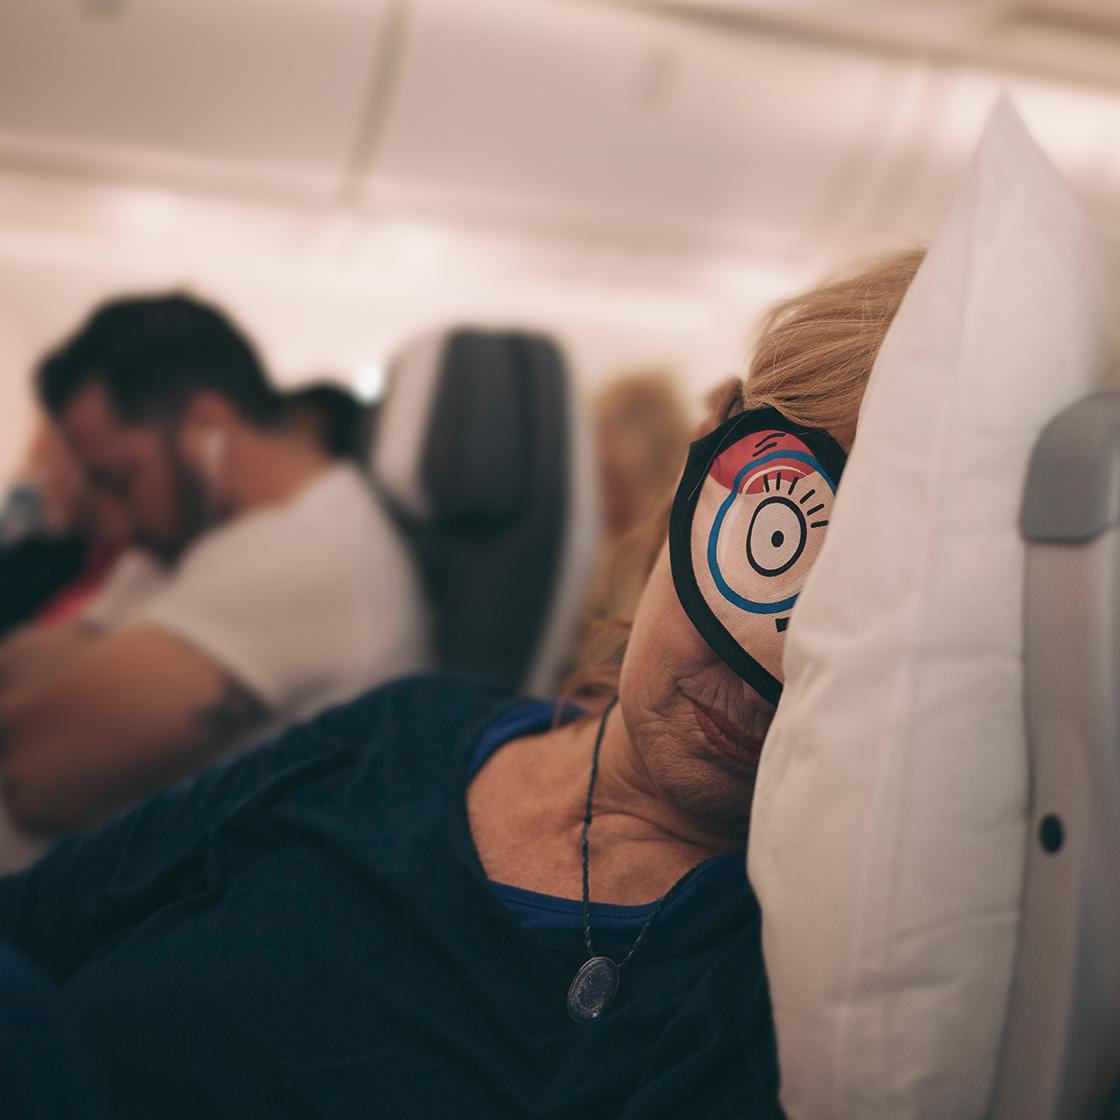 Schlafen im Flugzeug mit erschreckenden Folgen: Diese Frau bereut es bitter!